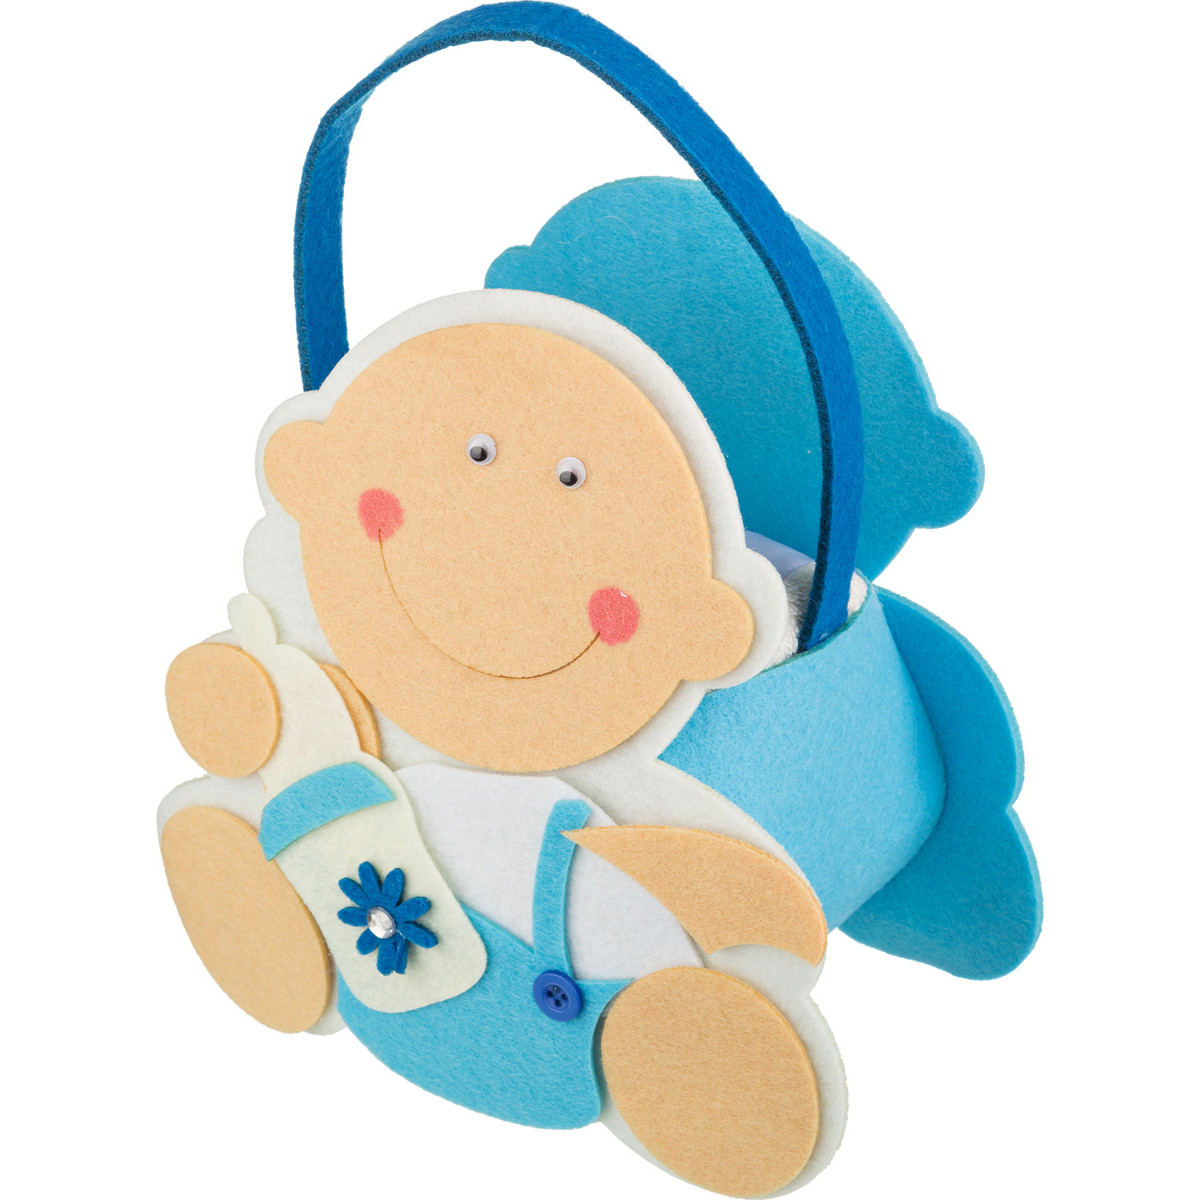 Купить Полотенца Santalino, Детское полотенце Jerrard (50х90 см), Россия, Голубой, Махра